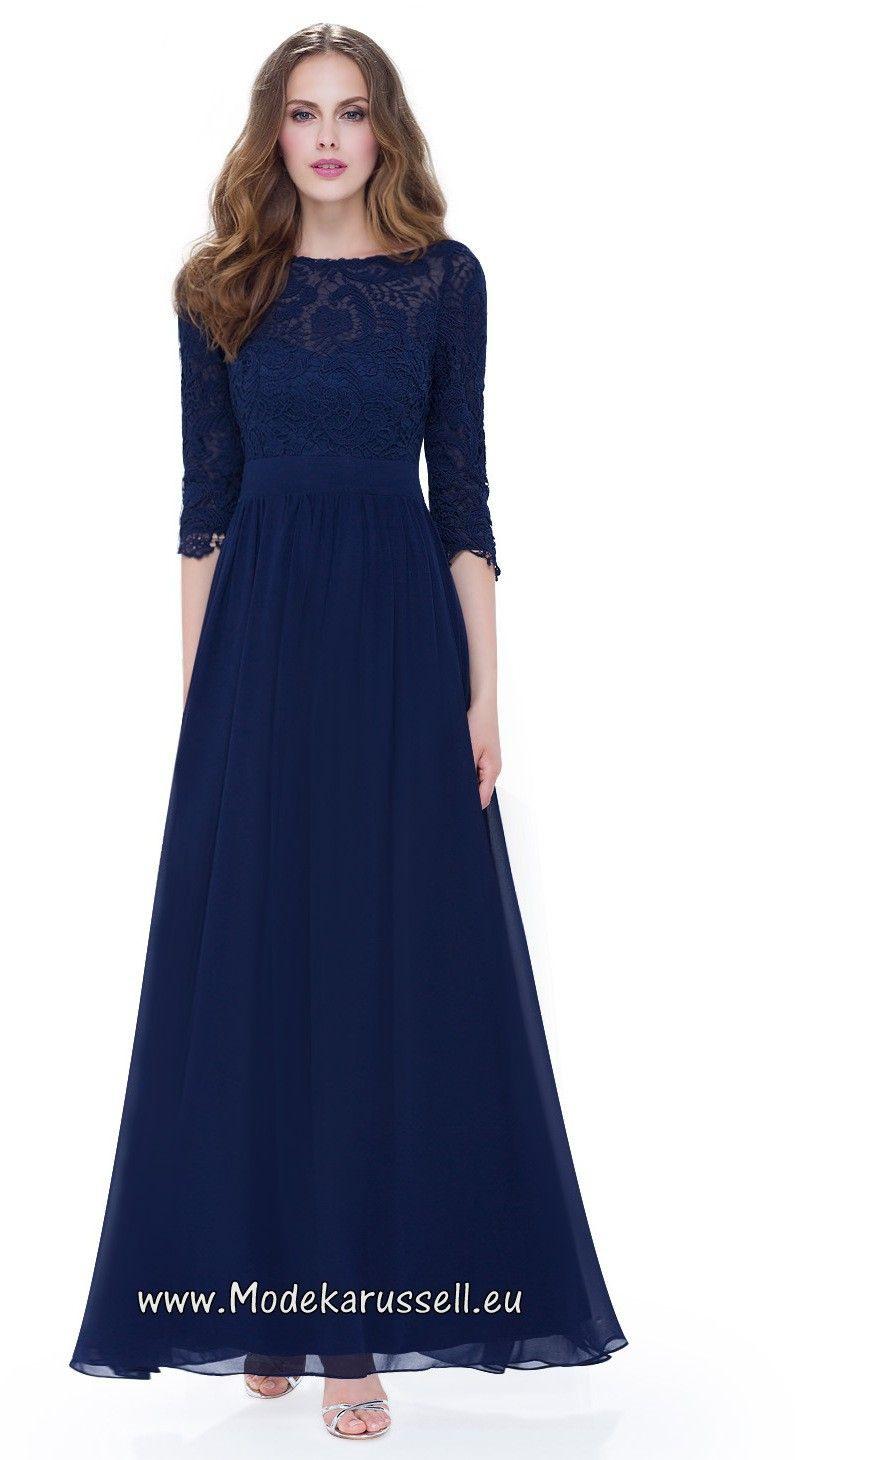 Formal Wunderbar Spitzen Abendkleid Lang für 201913 Leicht Spitzen Abendkleid Lang Boutique